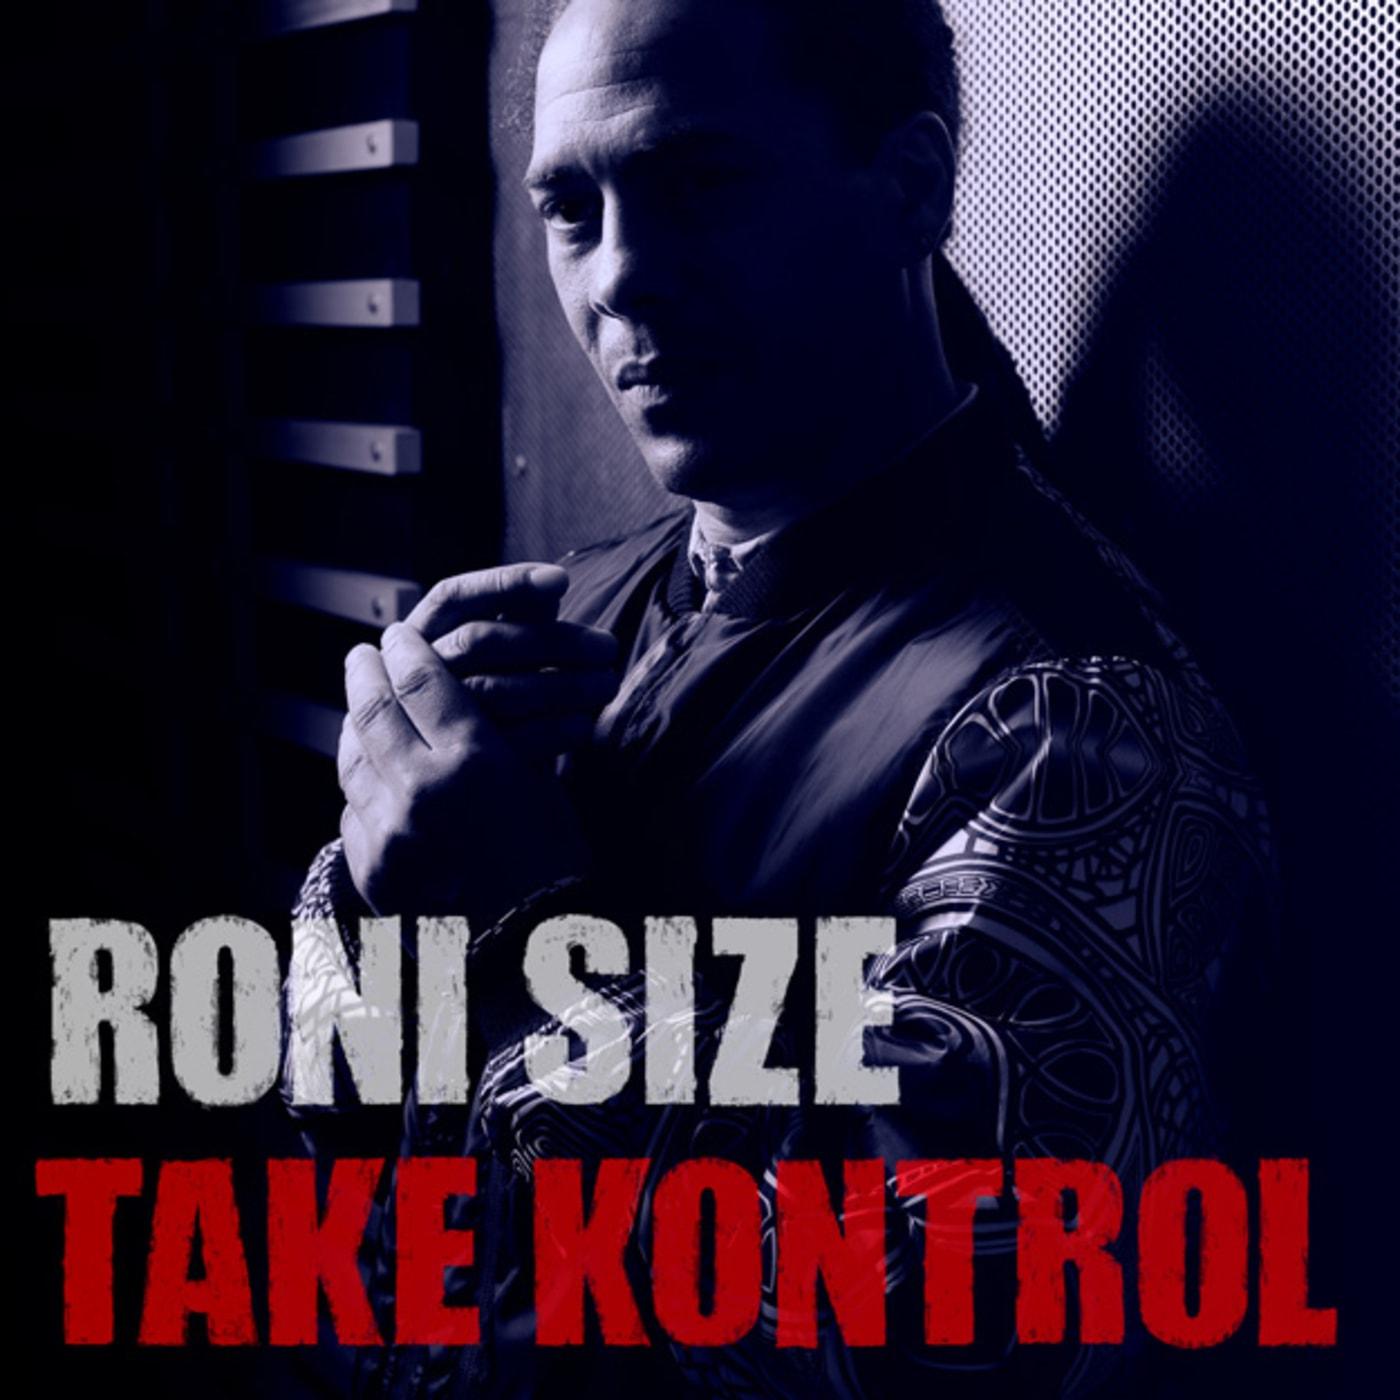 roni size take kontrol cover